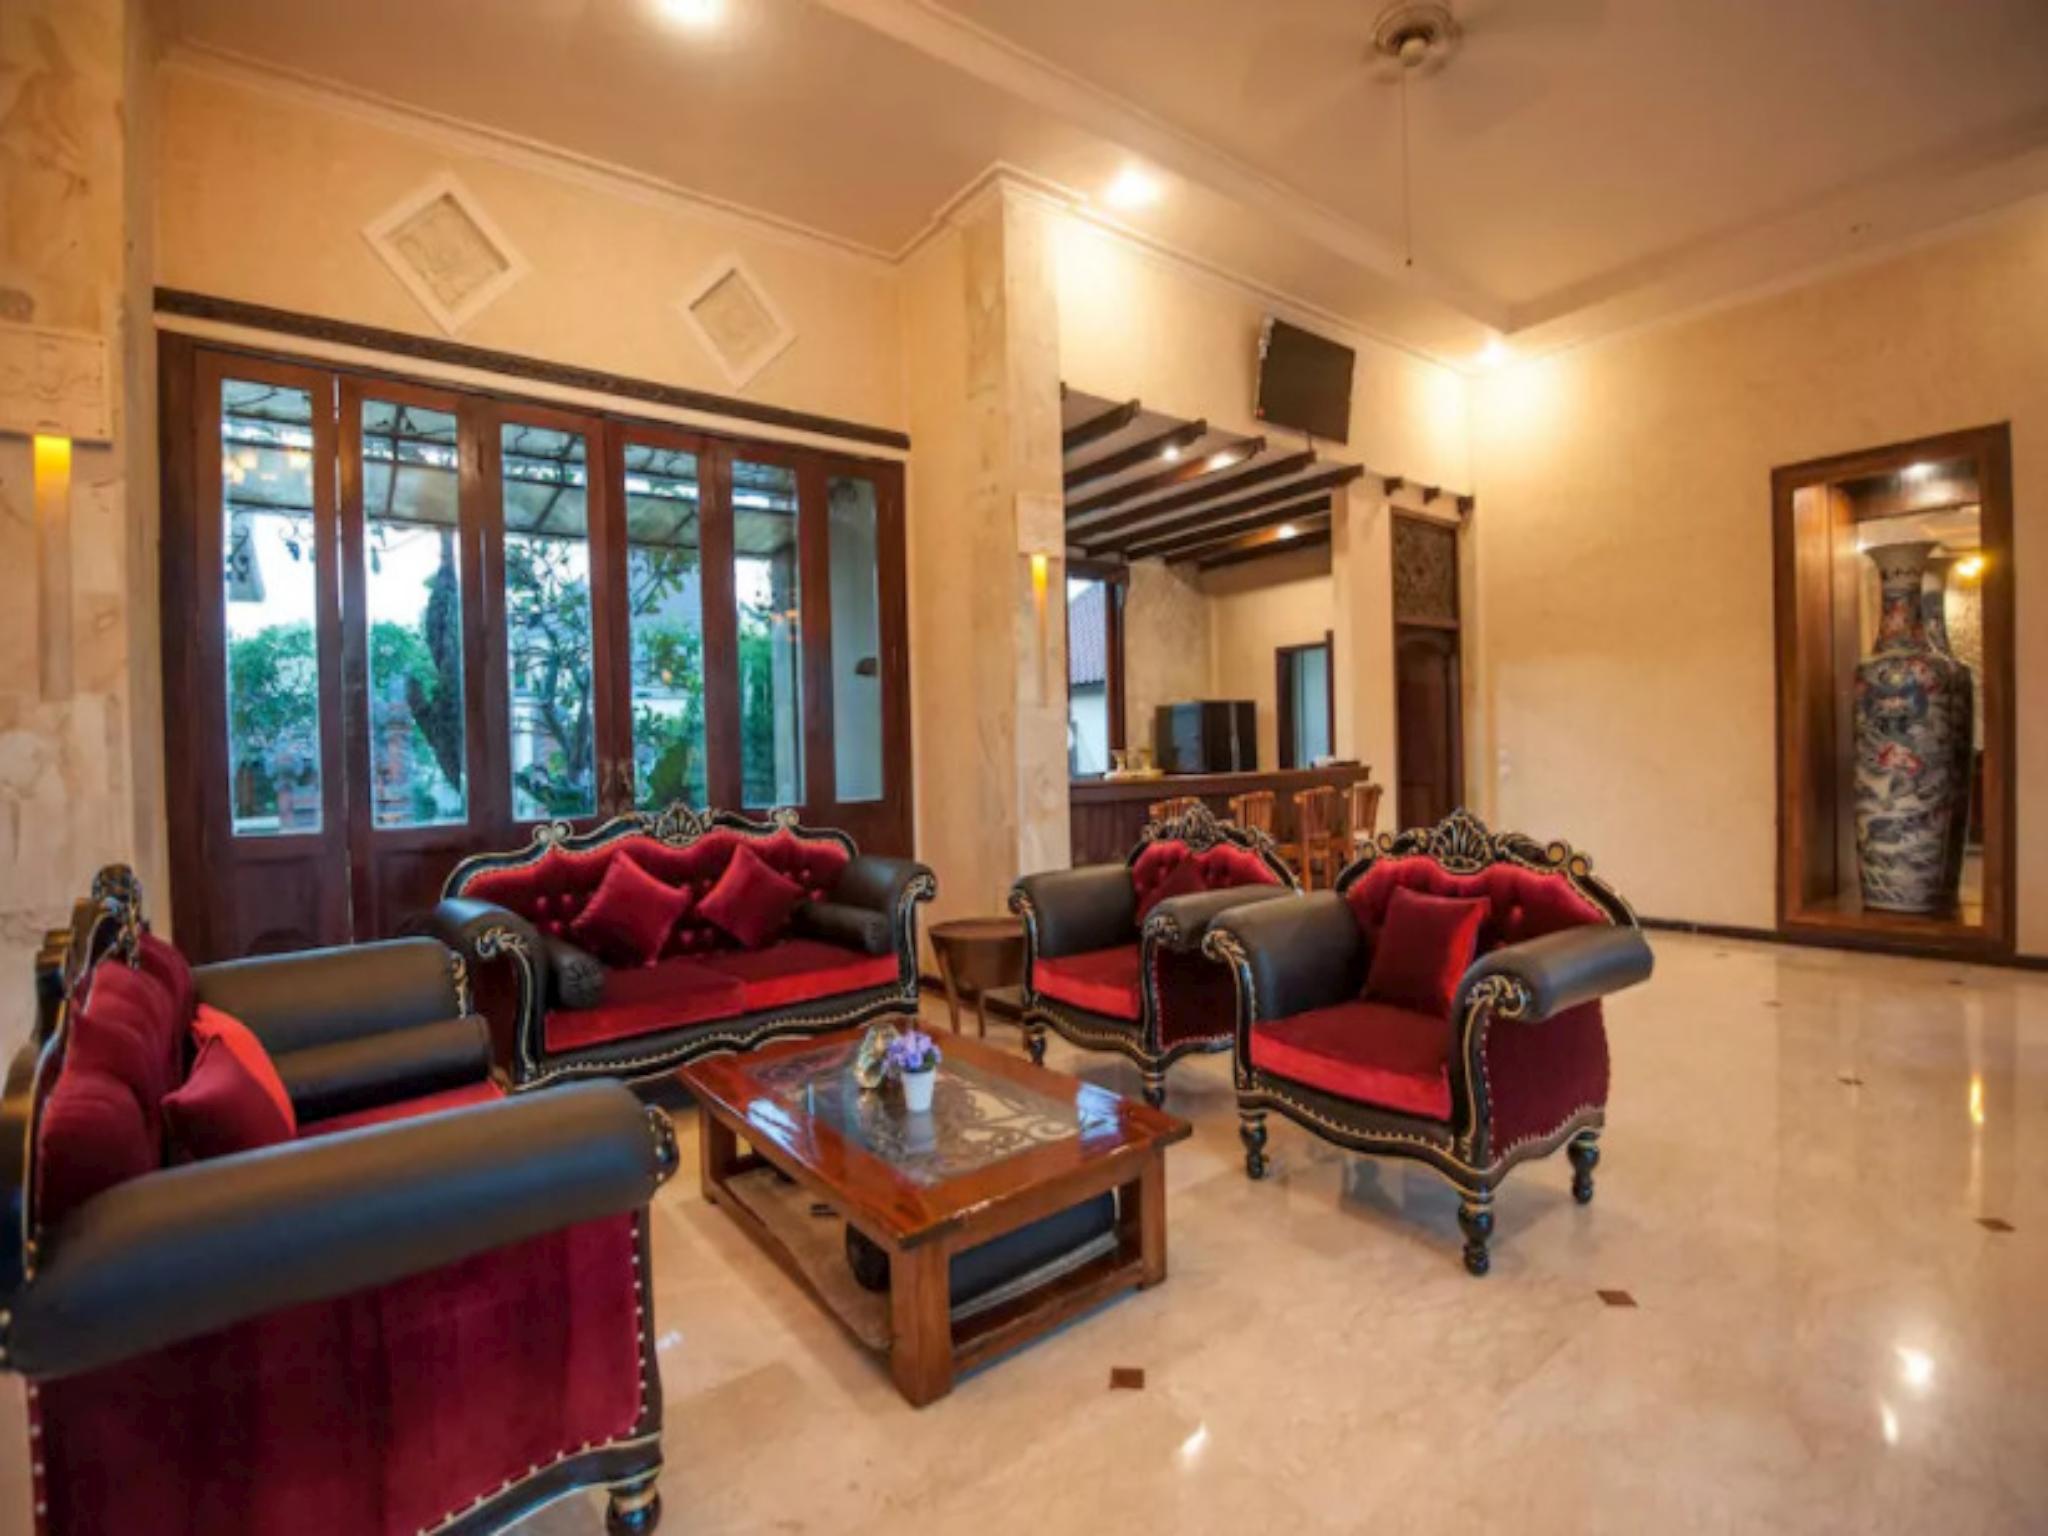 Jepun Bali Villa 2 by Sila Dharma